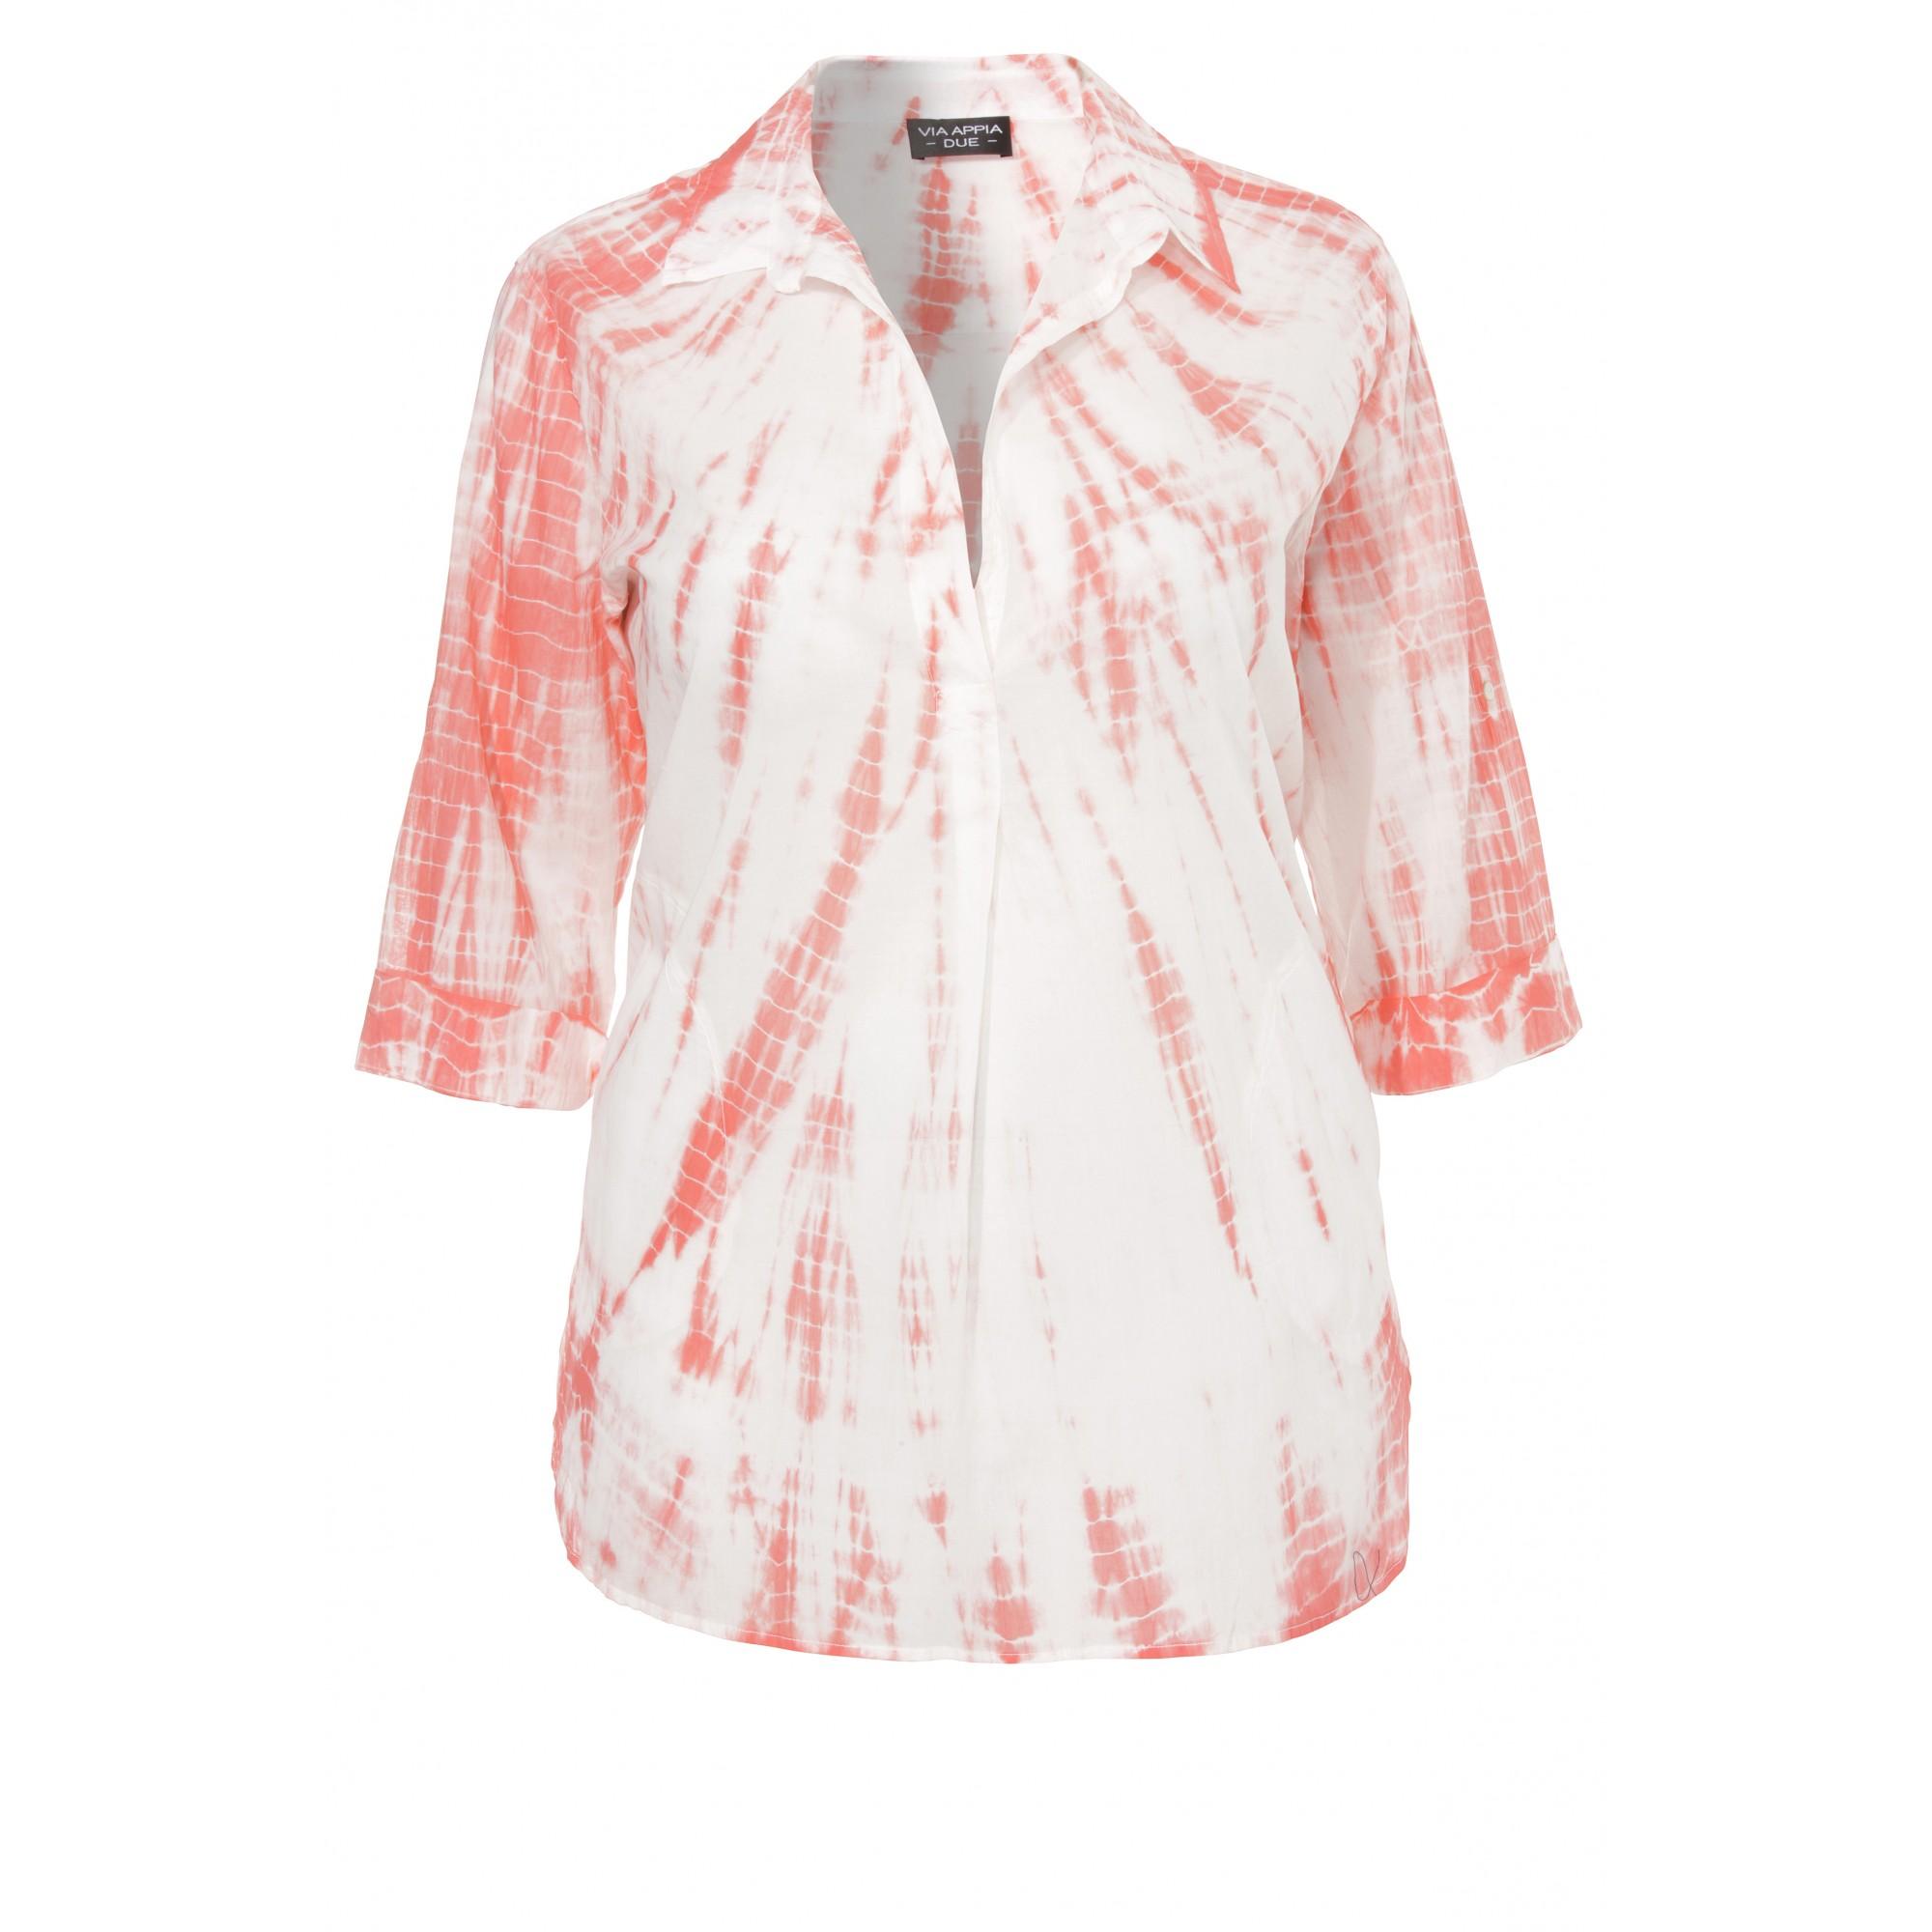 Extralange Sommer-Bluse in A-Form /Happy Batik